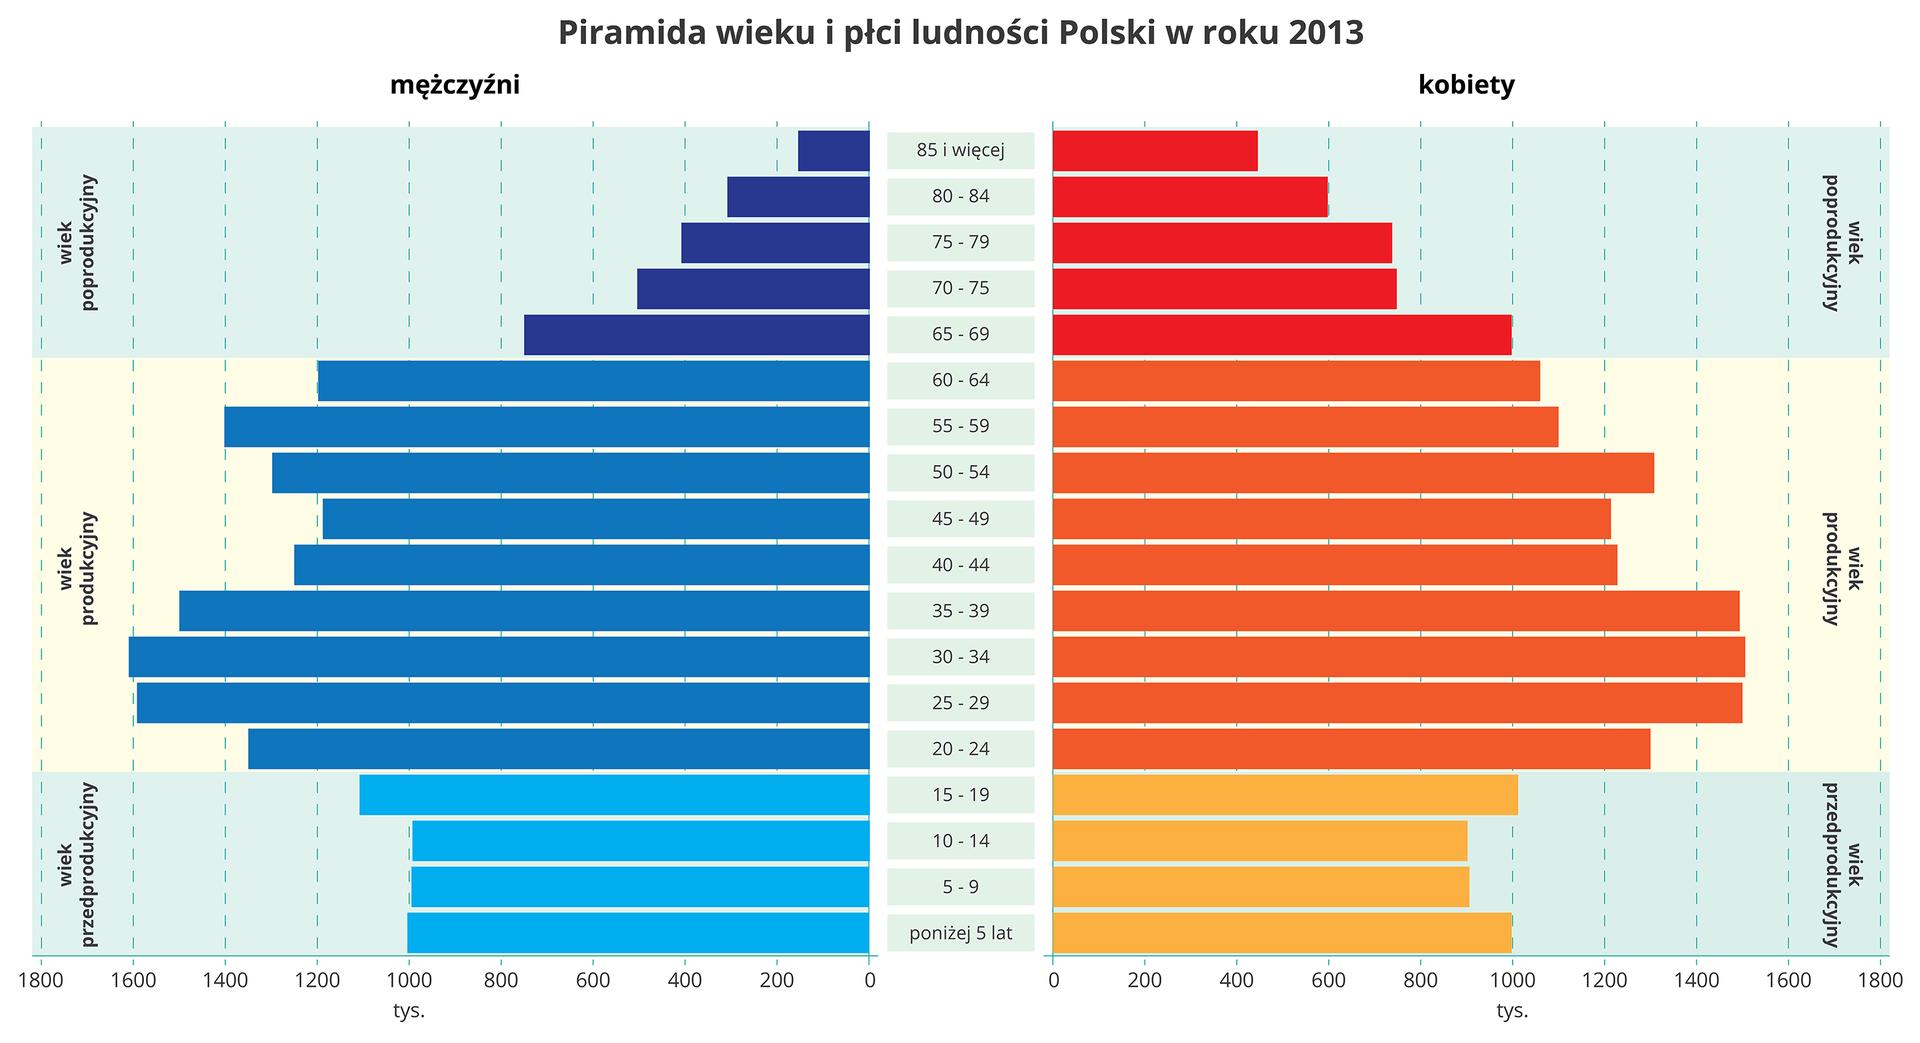 Wykres podzielony pionowo na dwie części. Po lewej stronie piramida wieku mężczyzn, po prawej stronie piramida wieku kobiet. Oś pozioma wykresu przedstawia liczbę osób wtysiącach, od zera do 1800. Skala wyrażona zpodziałką wzrastającą o200 tysięcy. Oś pionowa przedstawia wiek osób. Cała piramida podzielona jest na trzy etapy zmian wzależności od wieku osób badanych. Etapy zaznaczone są poziomo. Na dole wykresu wiek przedprodukcyjny, powyżej wiek produkcyjny ina górze wiek poprodukcyjny. Poszczególne zmiany przedstawione wpostaci poziomych wykresów słupkowych. Największy przyrost przypada wwieku produkcyjnym. Umężczyzn między 20 a45 rokiem życia, ukobiet między 20 a50 rokiem życia. Wykresy sięgają umężczyzn do 1600 osób, ukobiet to około 1500 osób.